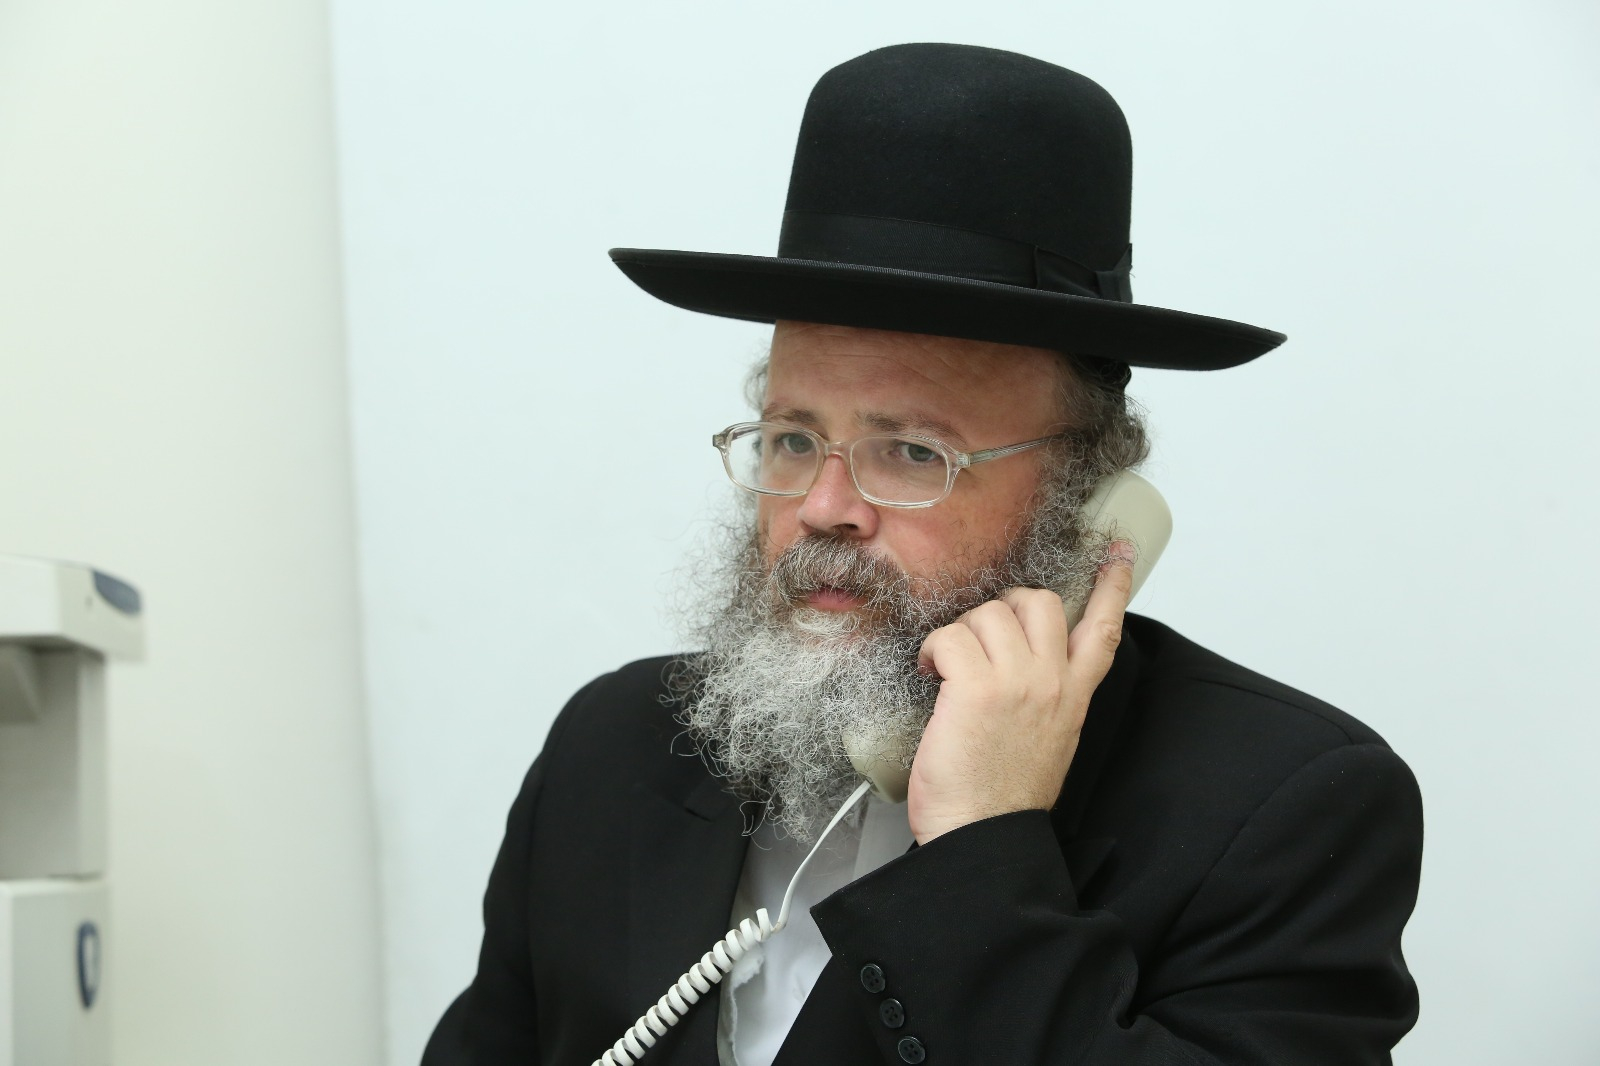 ברקת מסרב לכנס את המועצה - ויצמן פנה לממונה במשרד הפנים